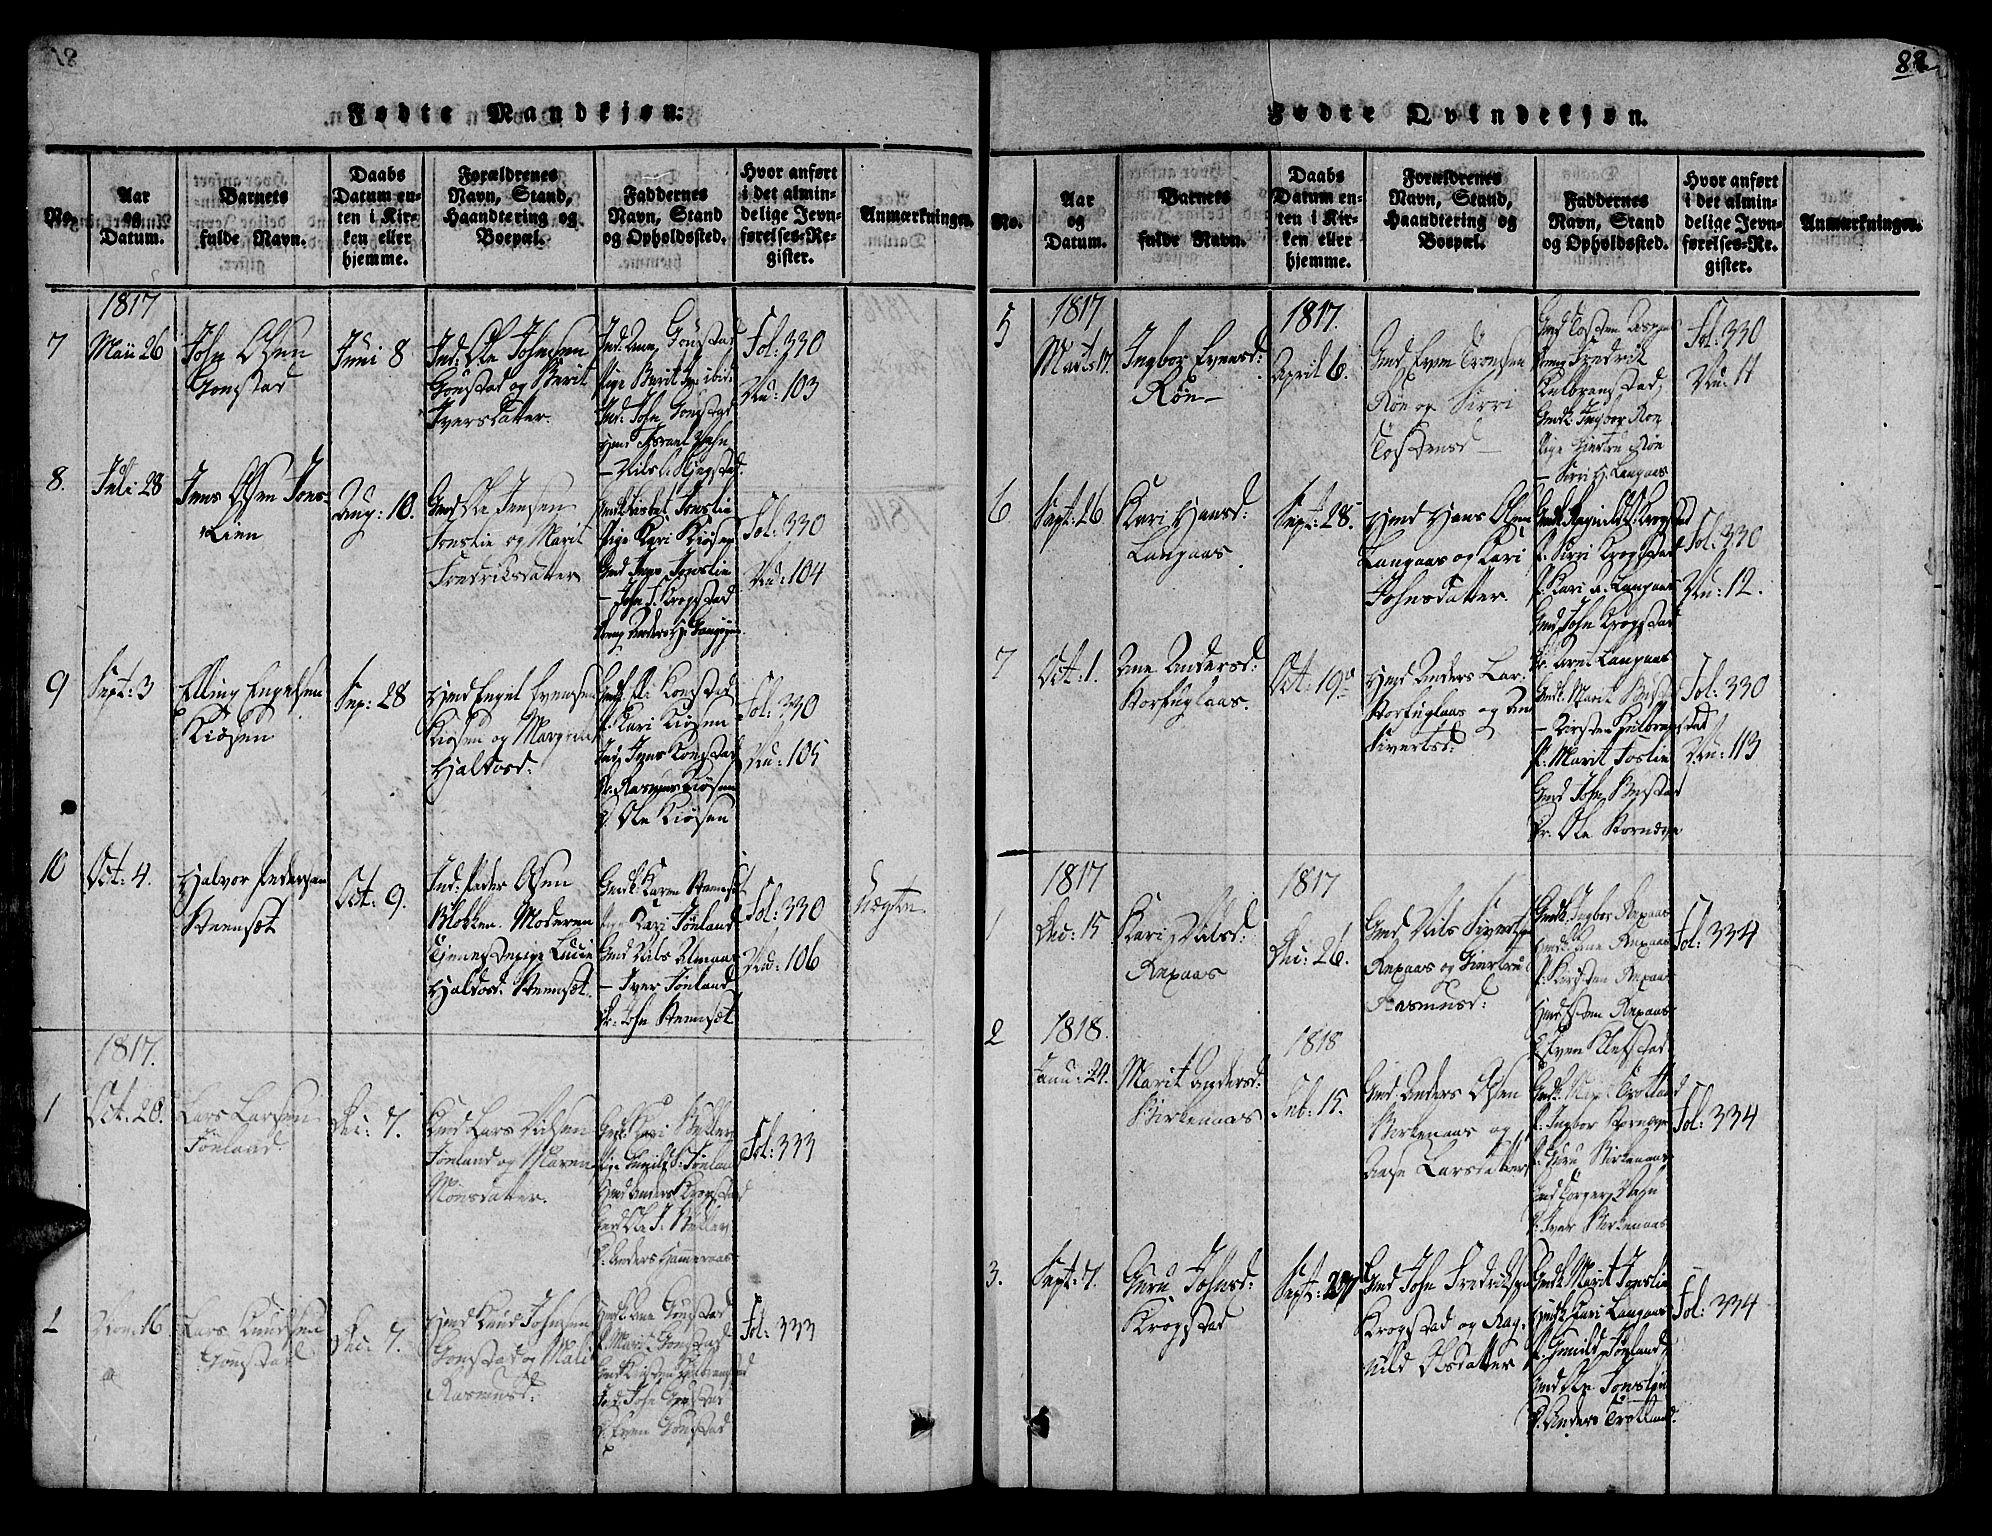 SAT, Ministerialprotokoller, klokkerbøker og fødselsregistre - Sør-Trøndelag, 691/L1068: Ministerialbok nr. 691A03 /4, 1816-1826, s. 82